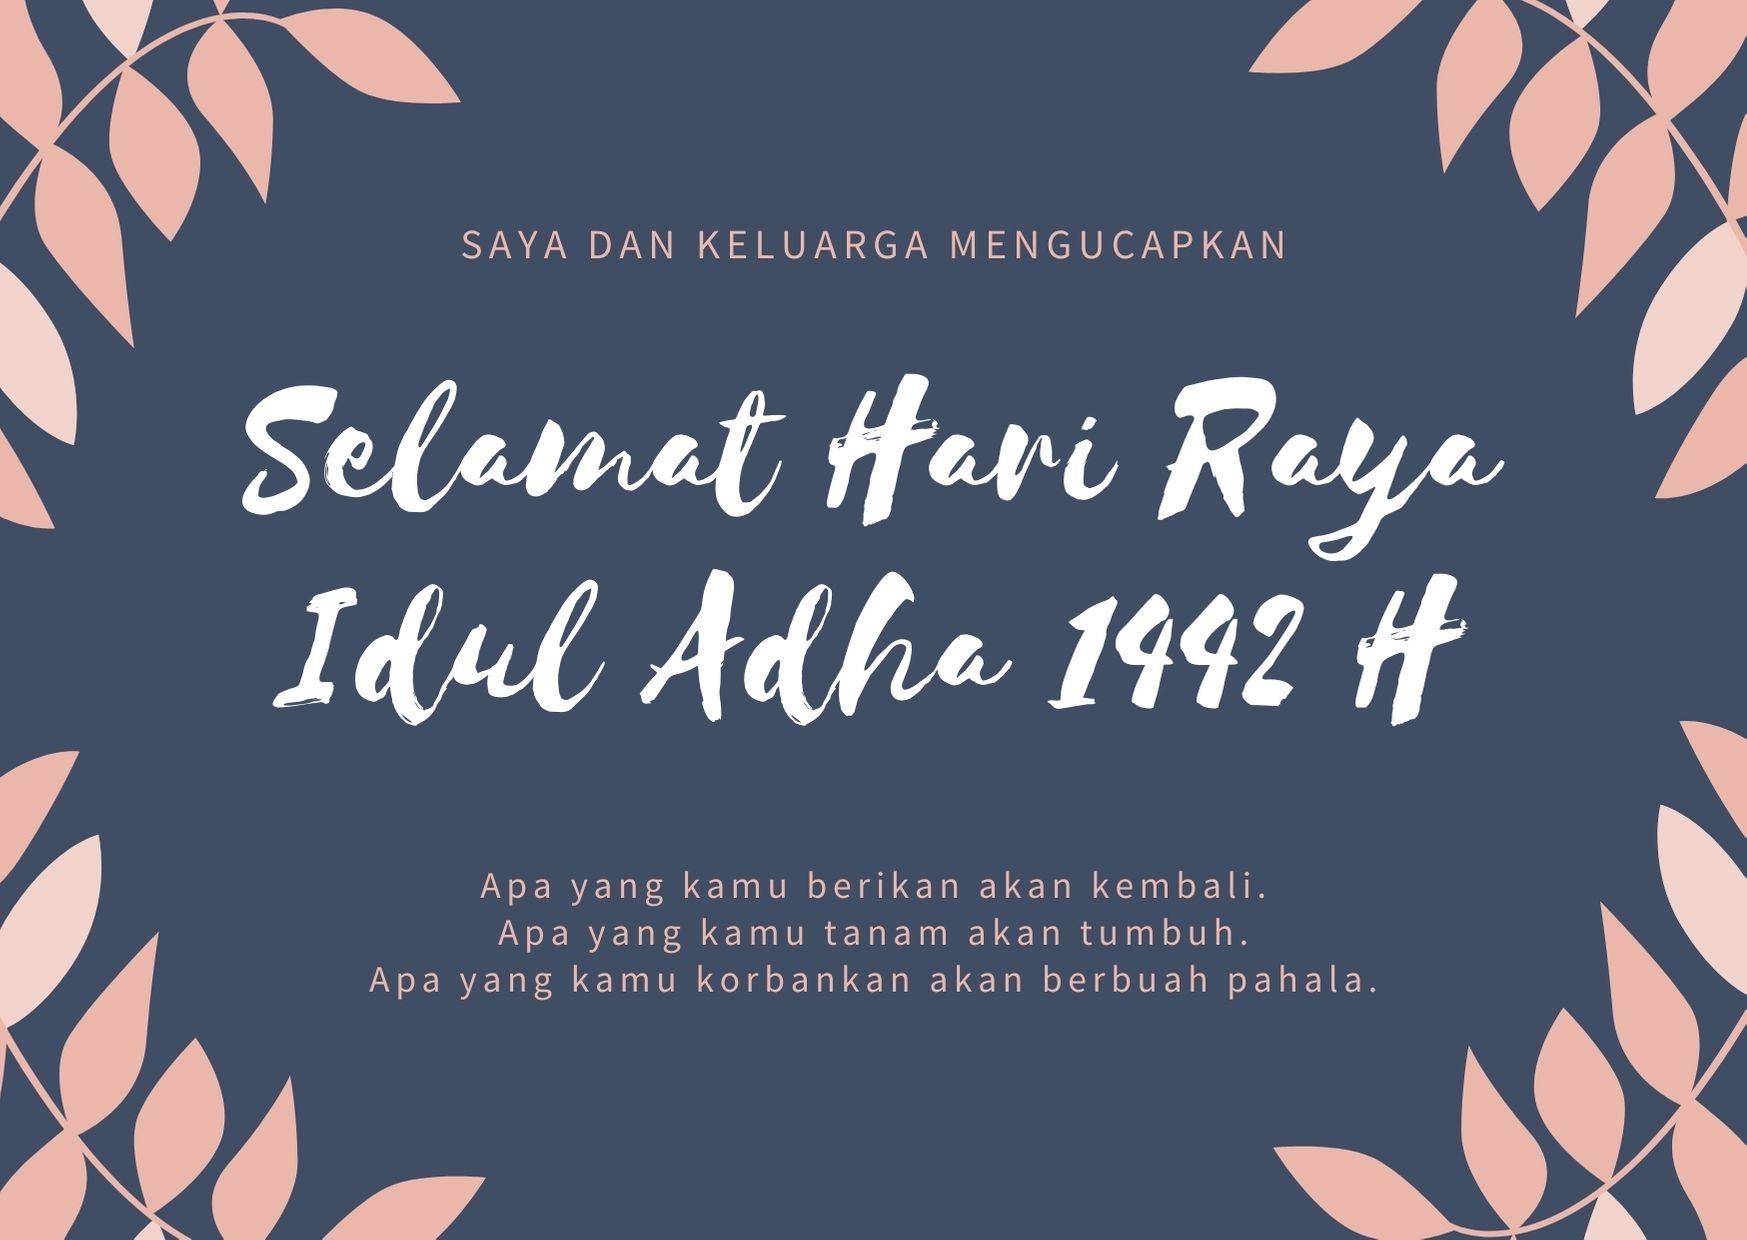 Daftar Ucapan Selamat Hari Raya Idul Adha 2021